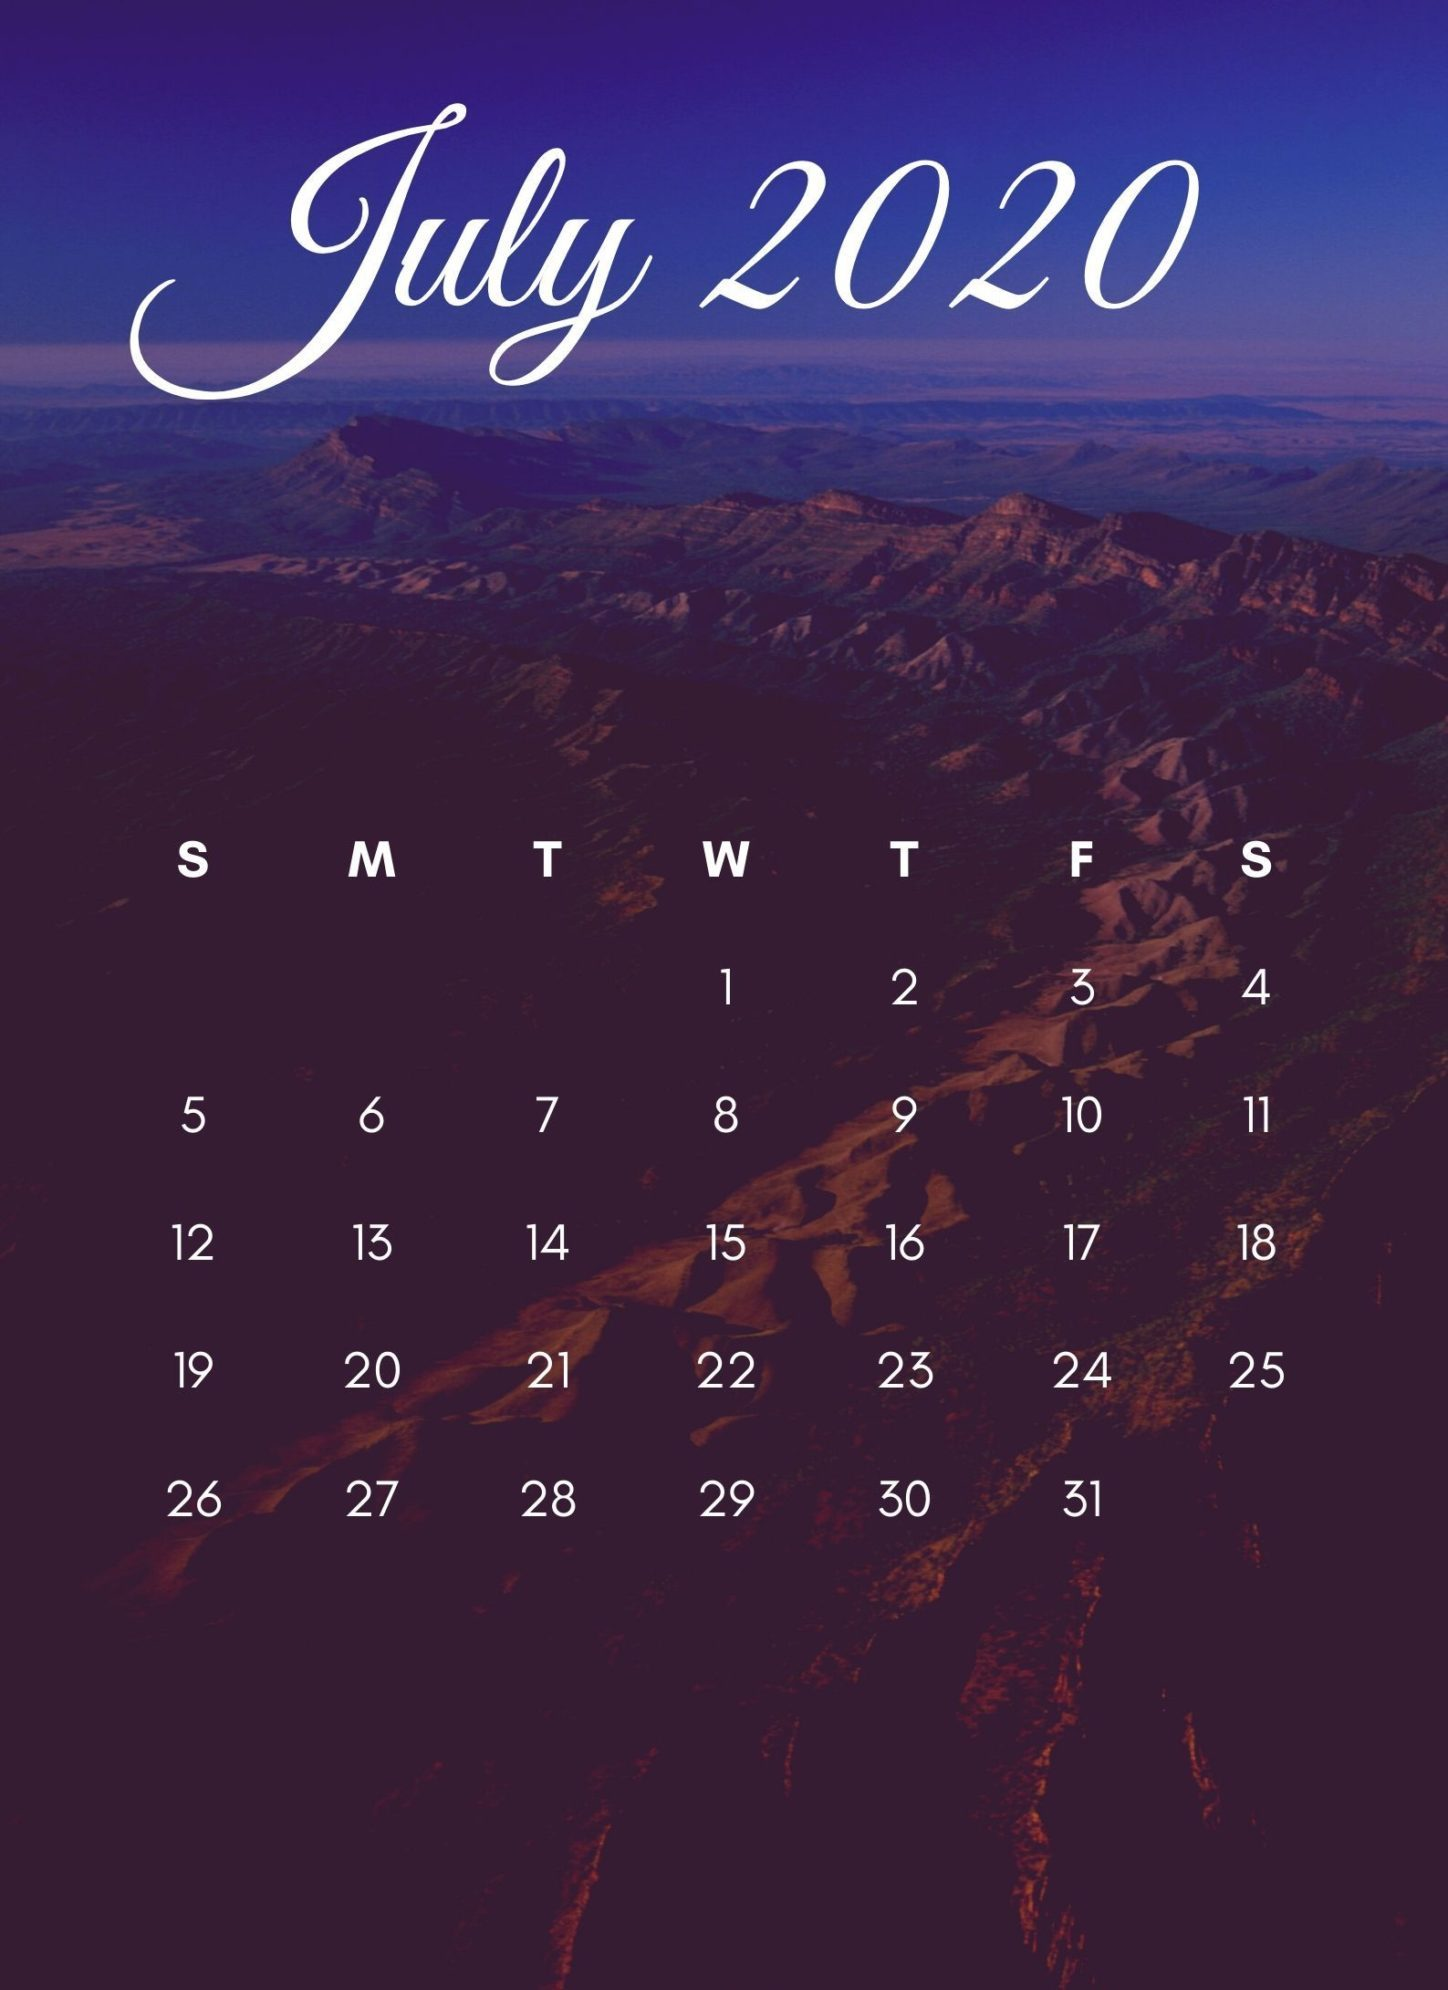 July 2020 iPhone Calendar Wallpaper